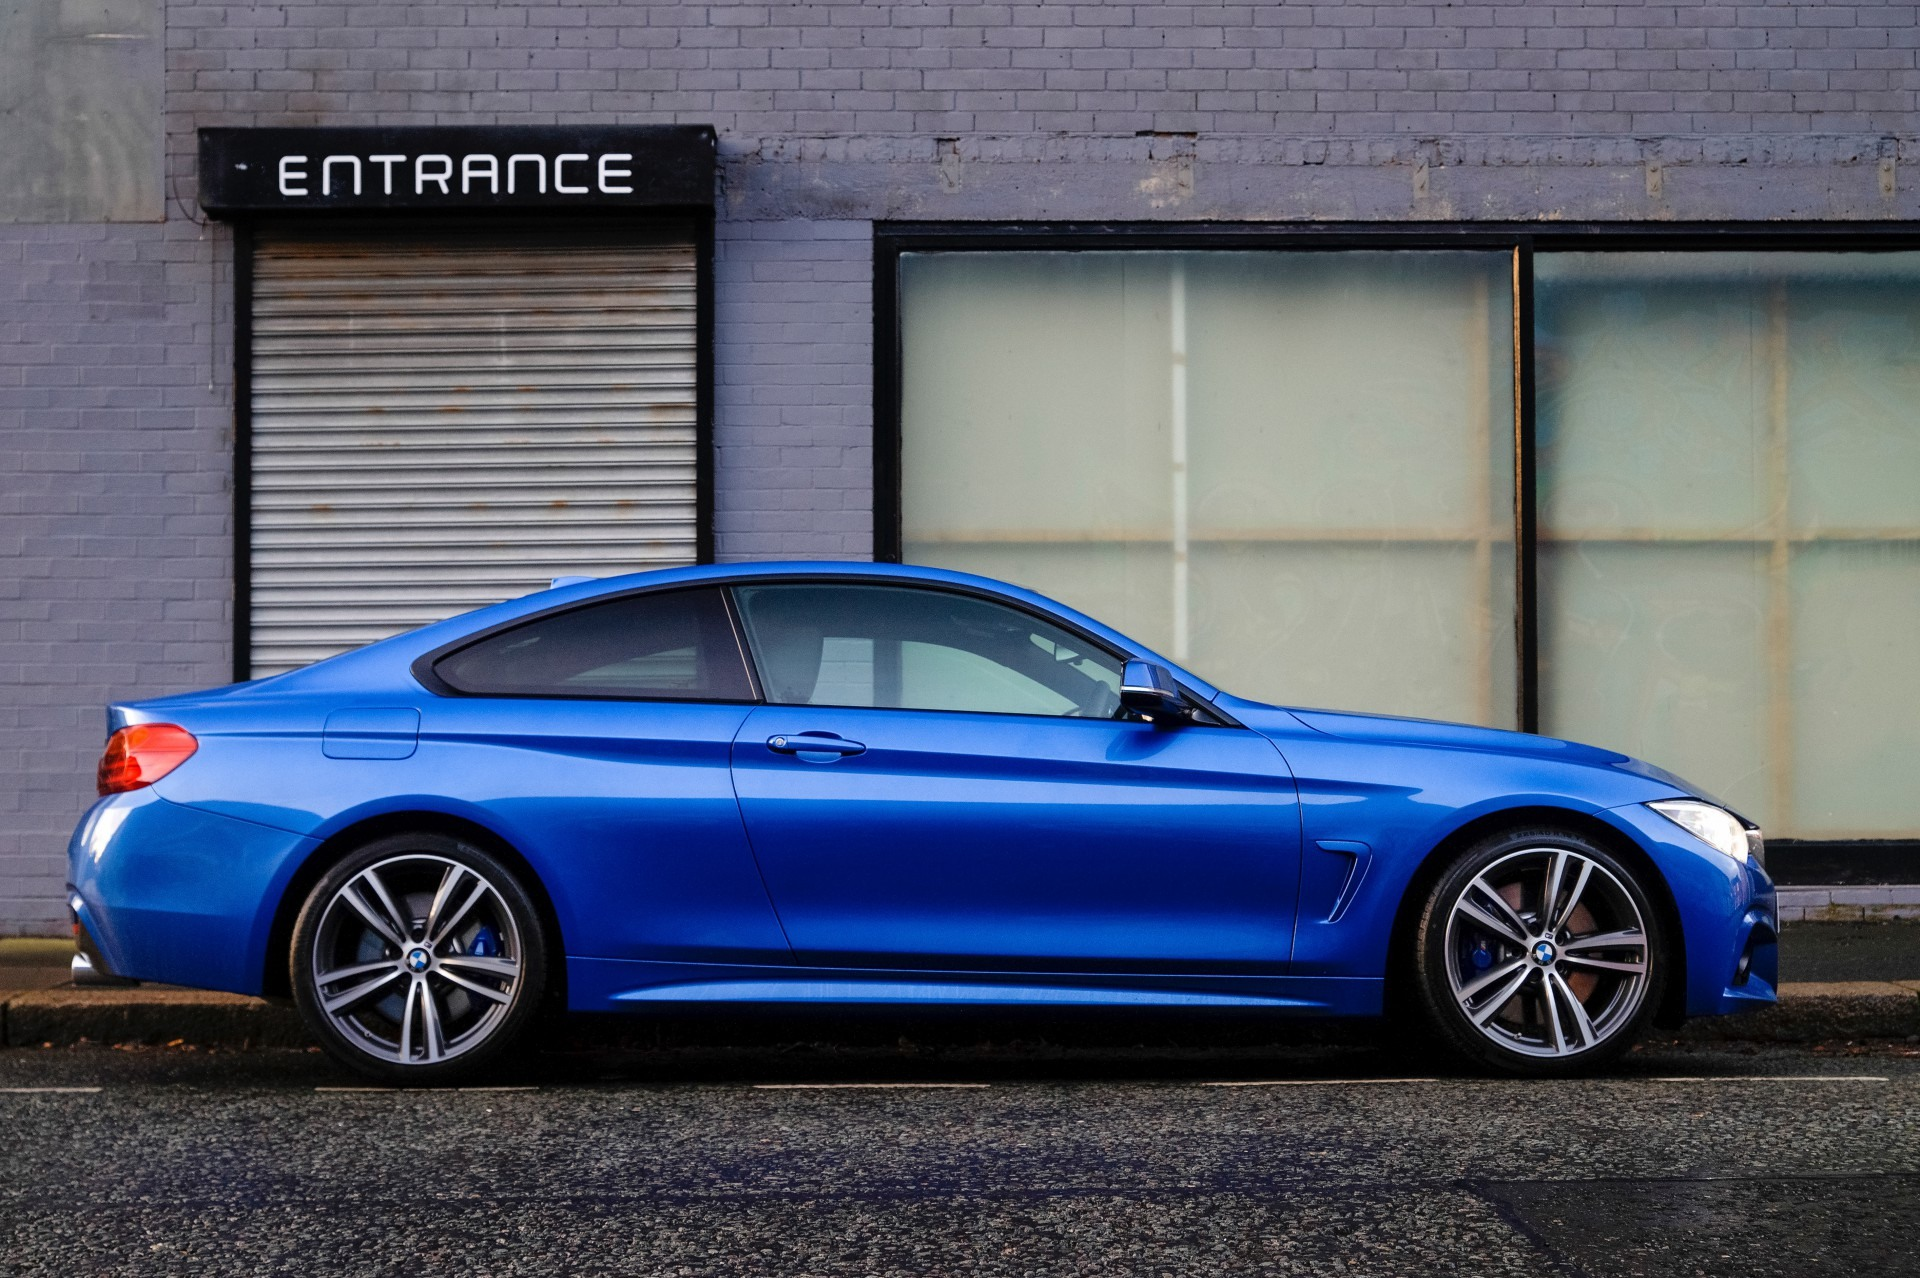 Niebieski sportowy samochód